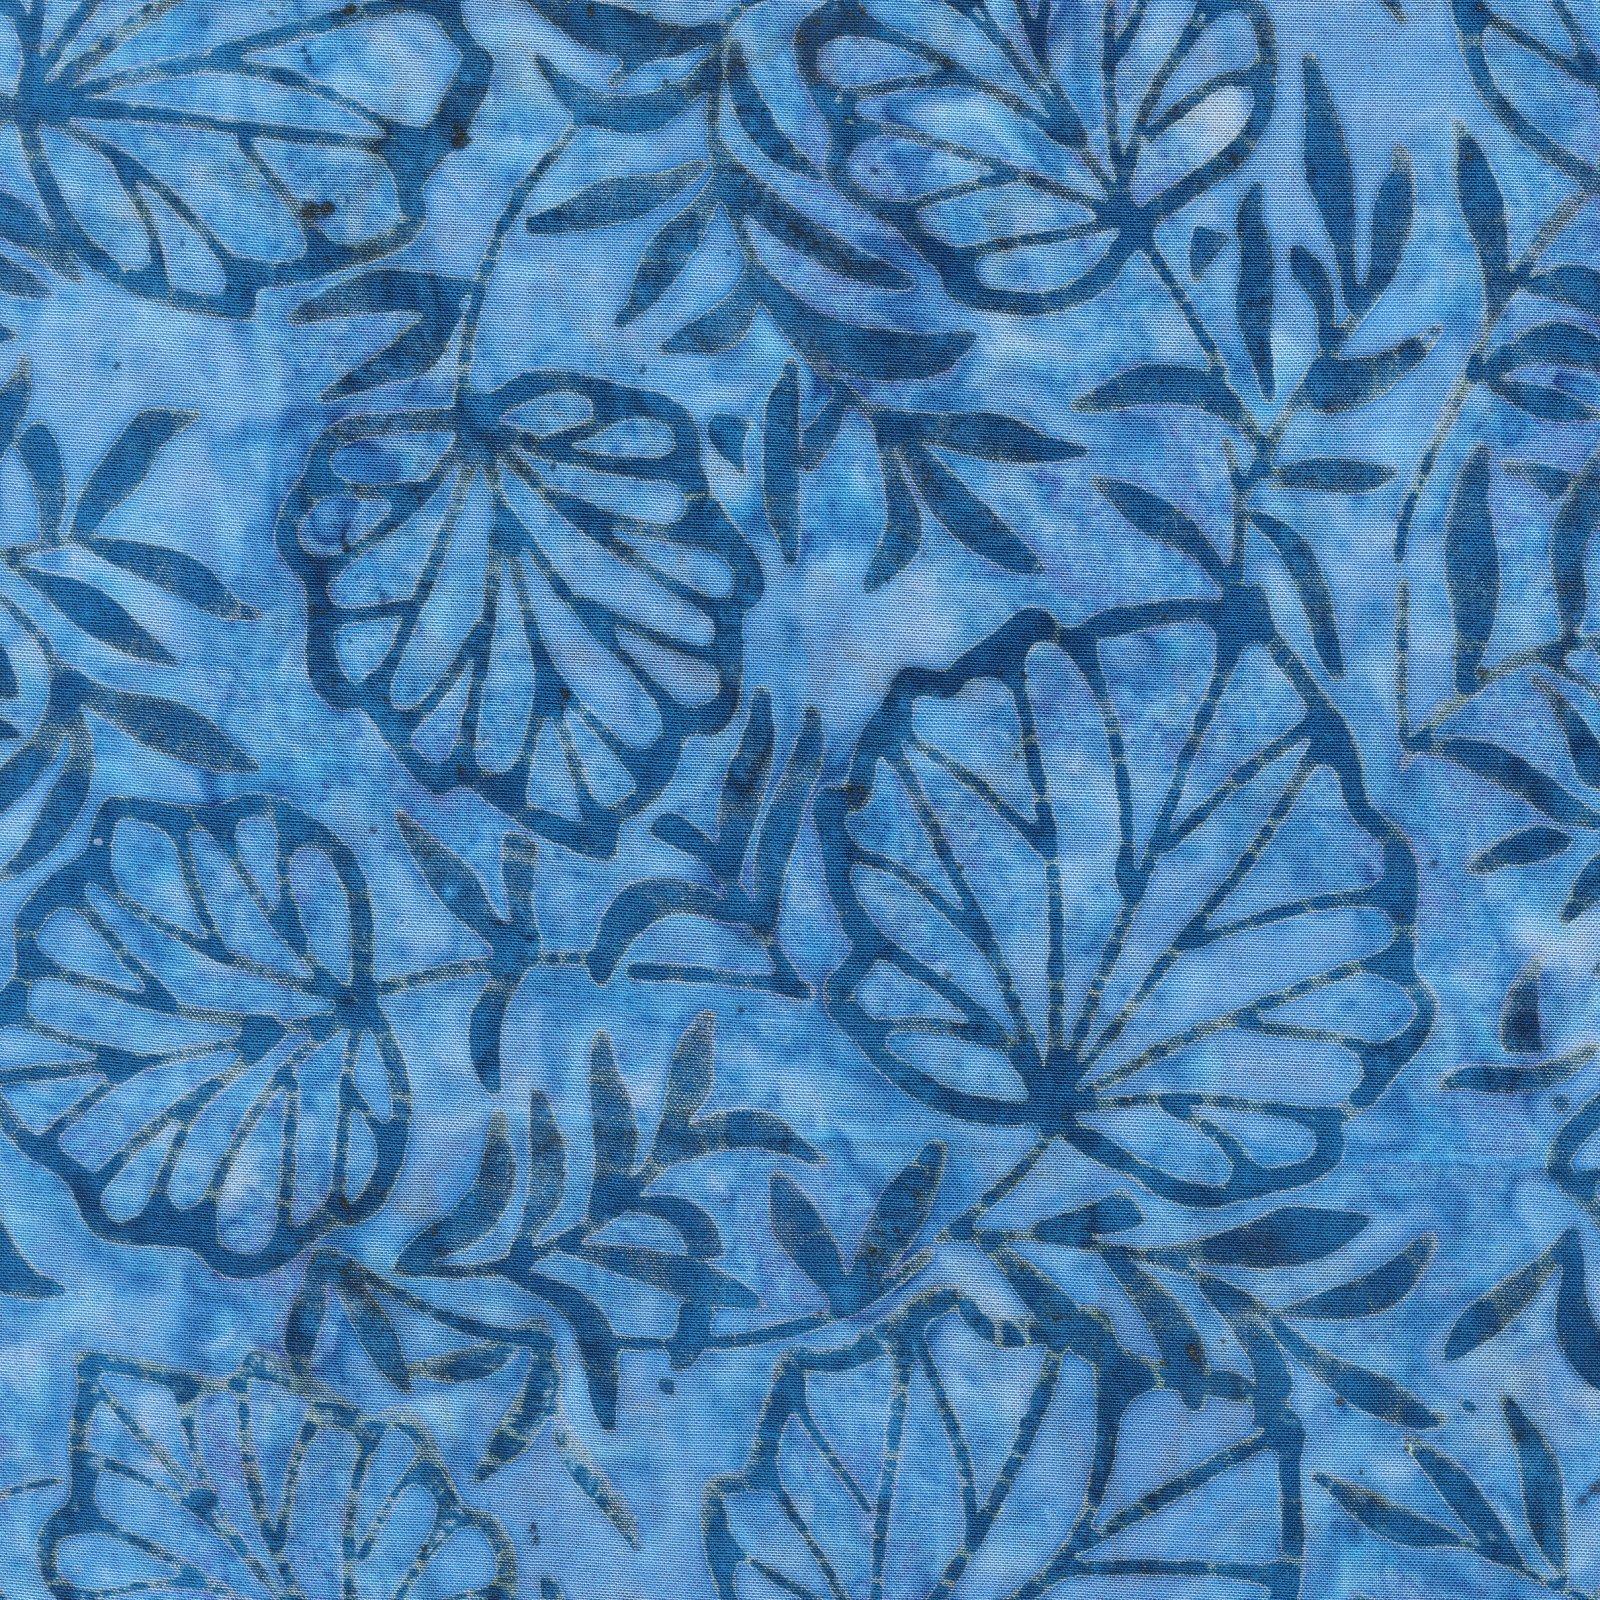 516Q-X Rayon Batiks by Anthology Fabrics